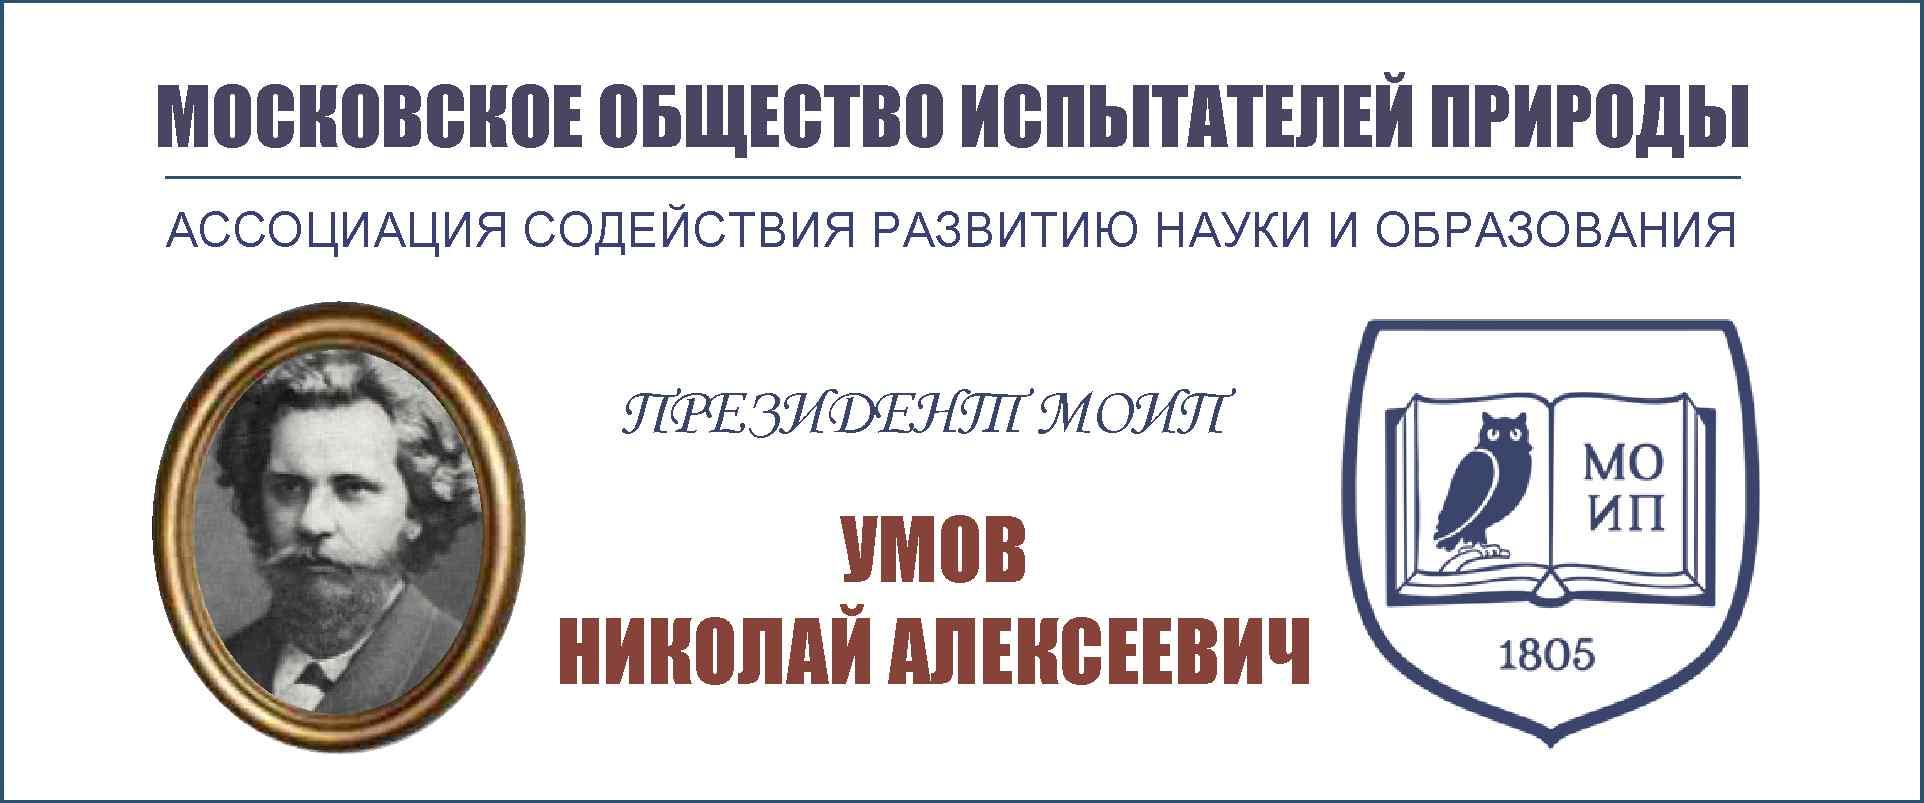 Президент МОИП - Умов Николай Алексеевич